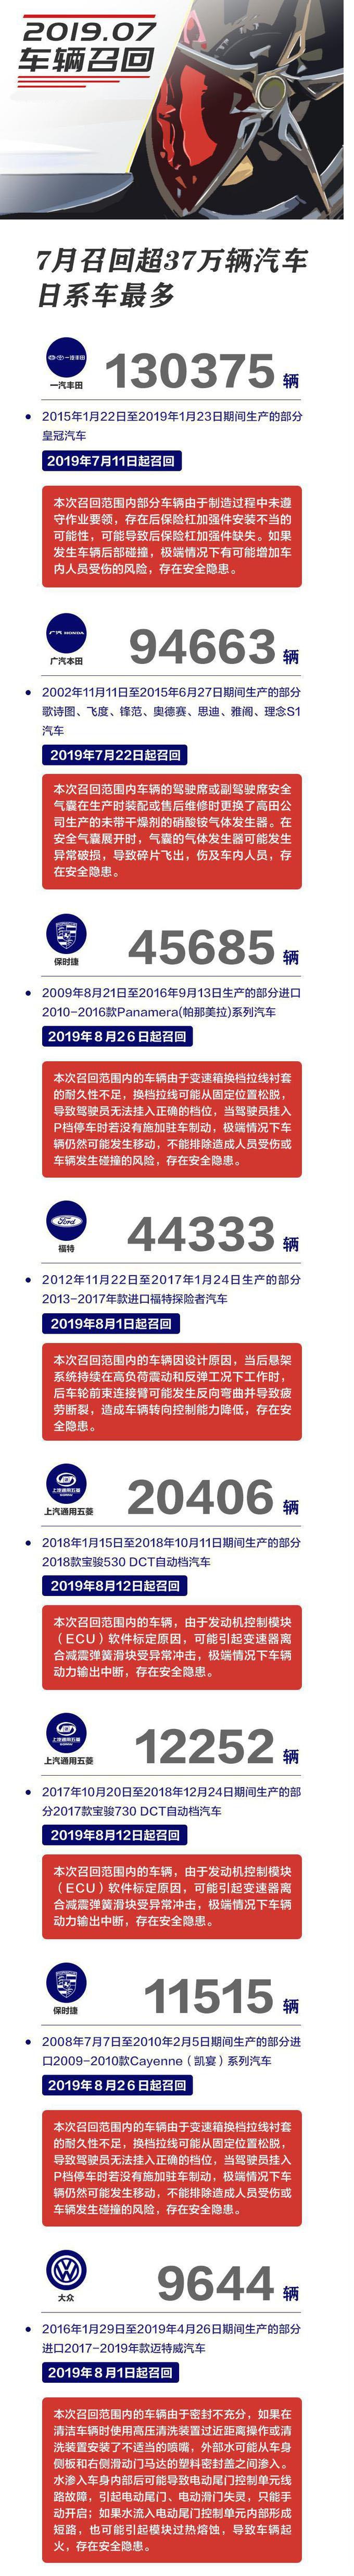 7月召回累計召回超37萬輛缺陷汽車,日系車召回最多